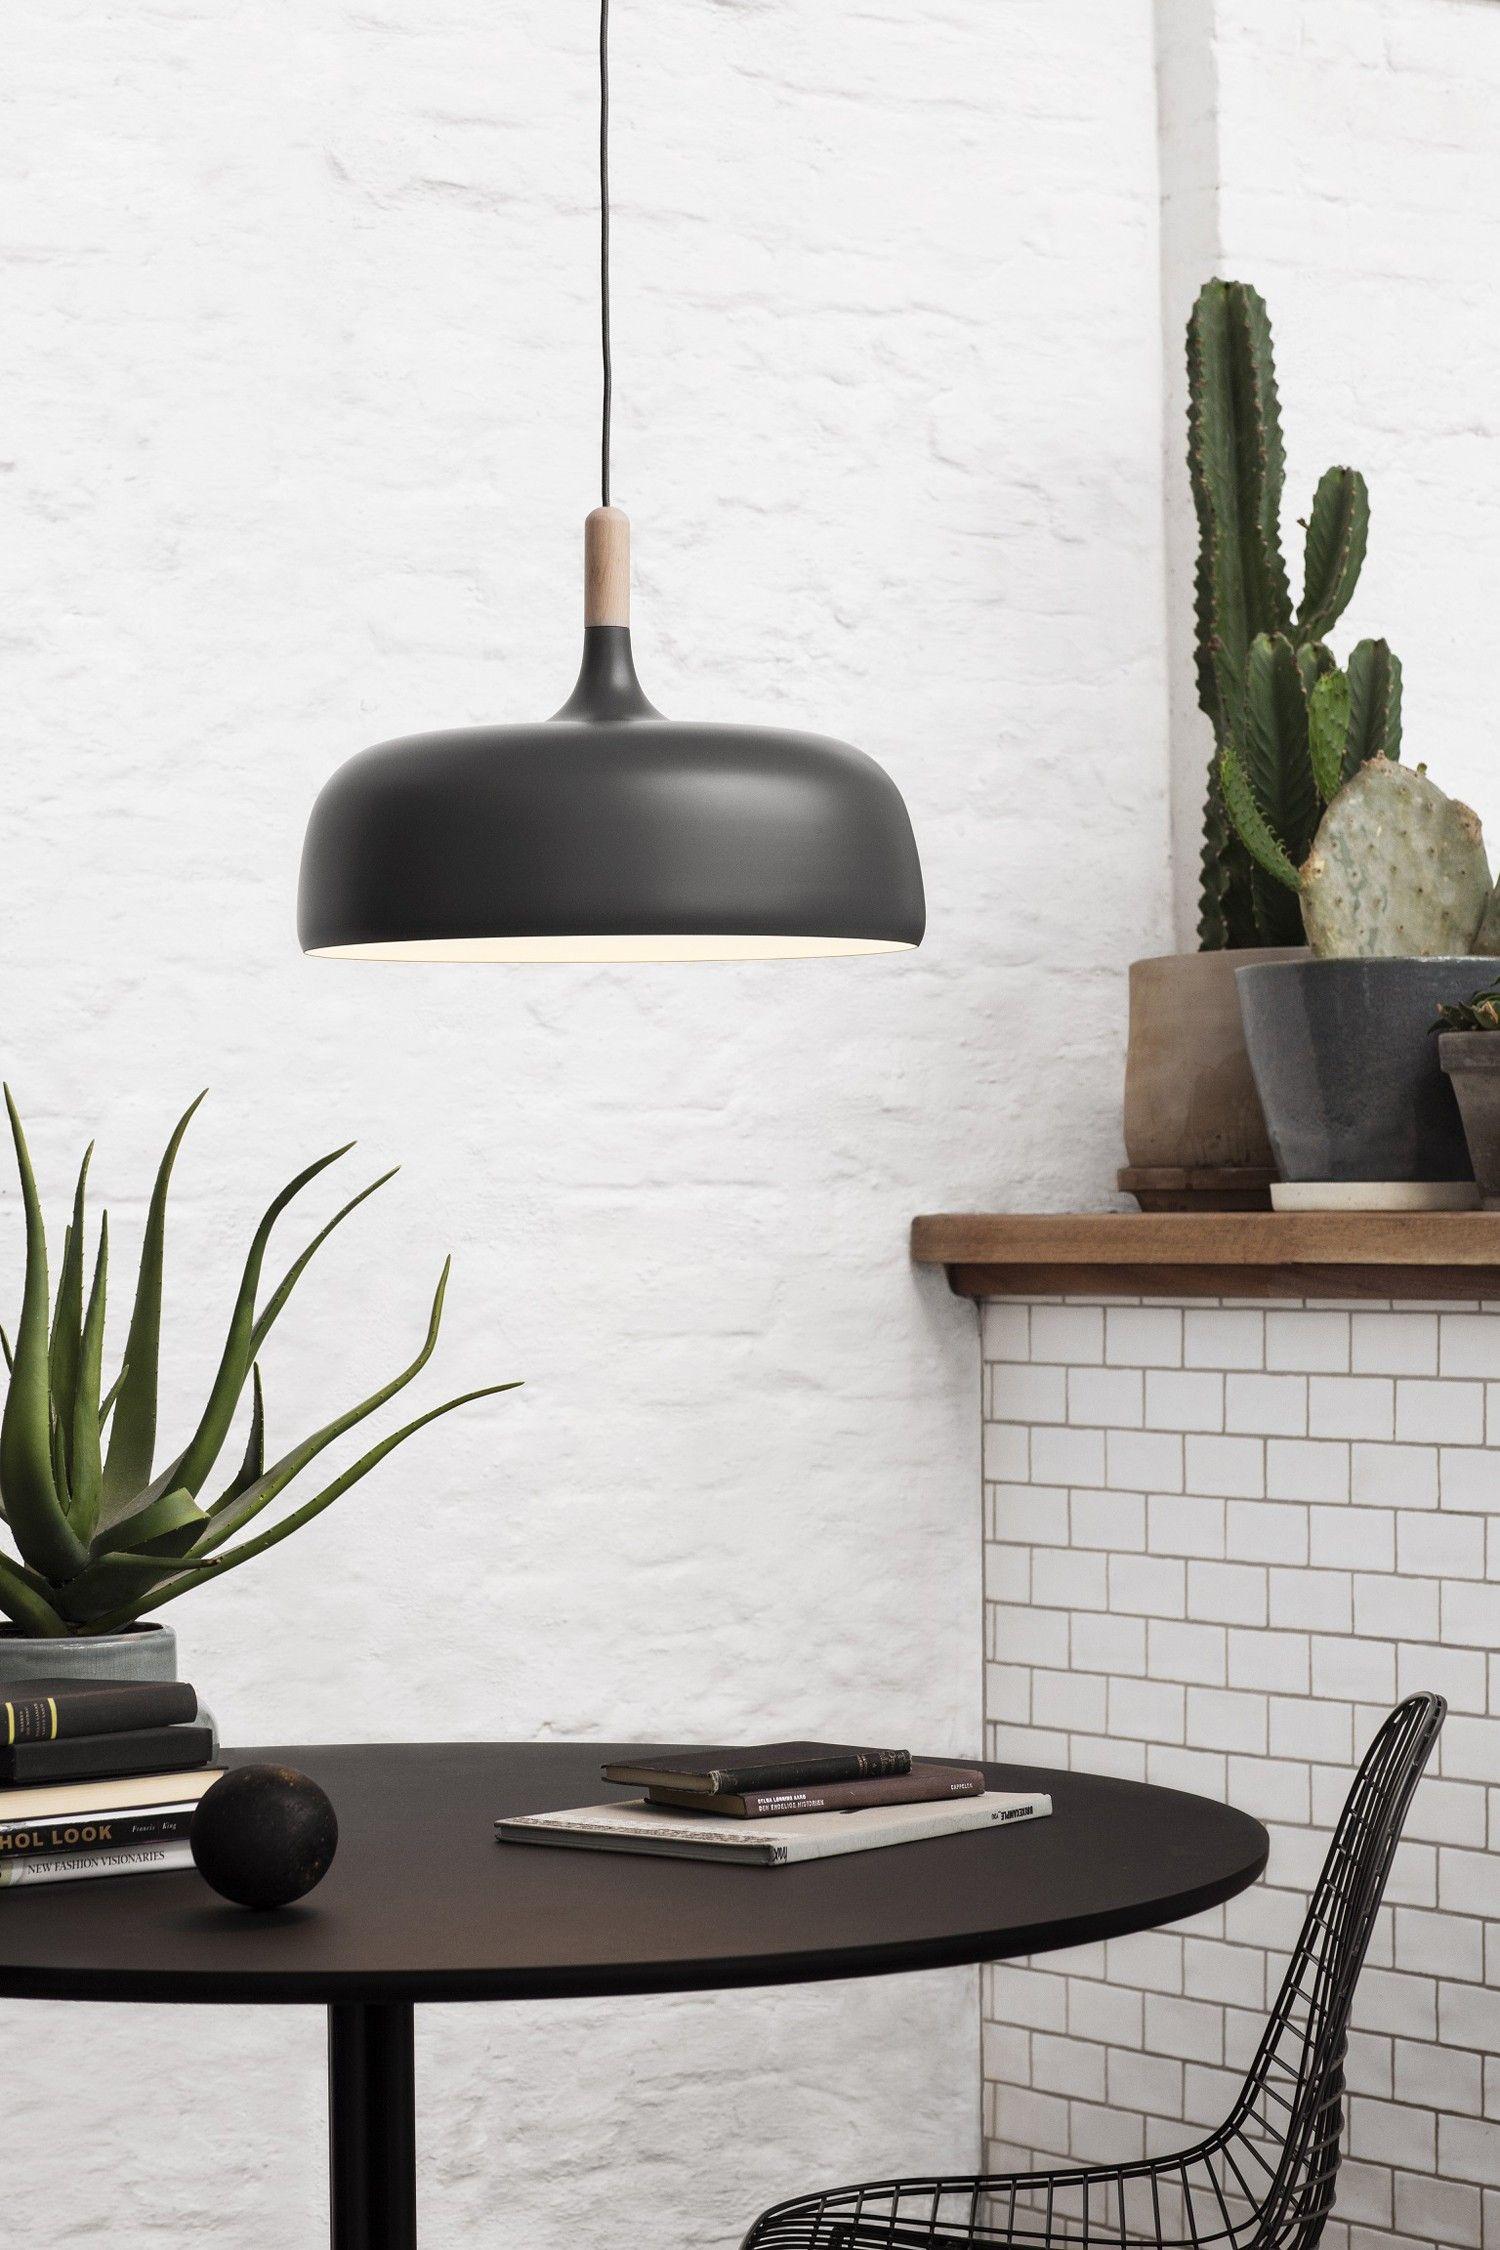 Rustikale esszimmerbeleuchtung ideen pin von evelyn fpunkt auf  home  pinterest  wohnen beleuchtung